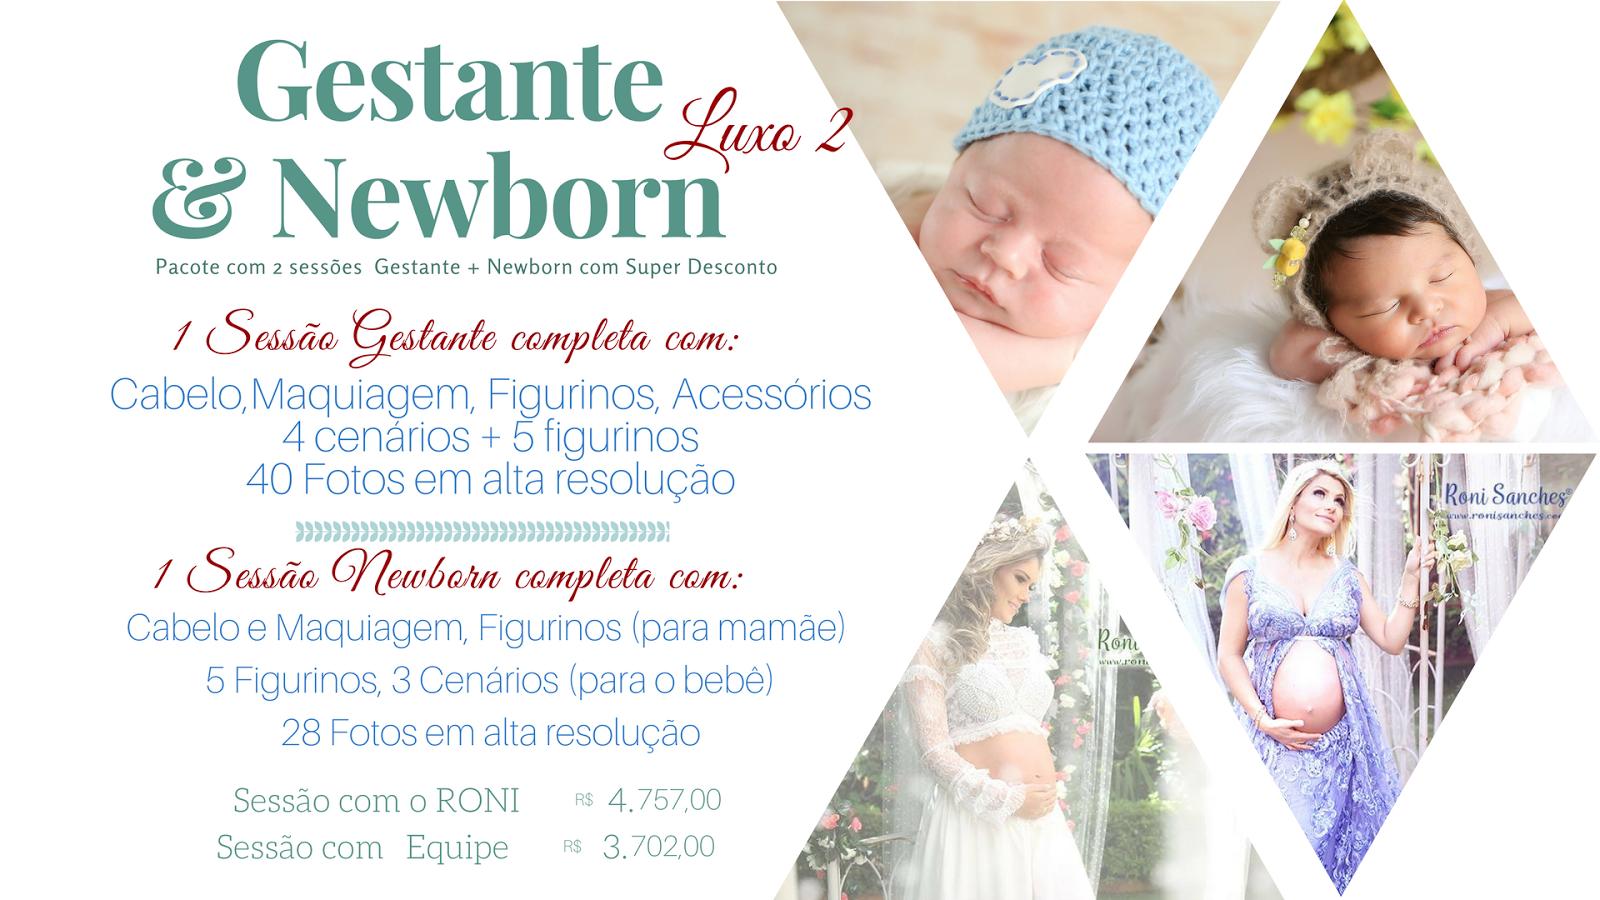 Preço book gestante e newborn